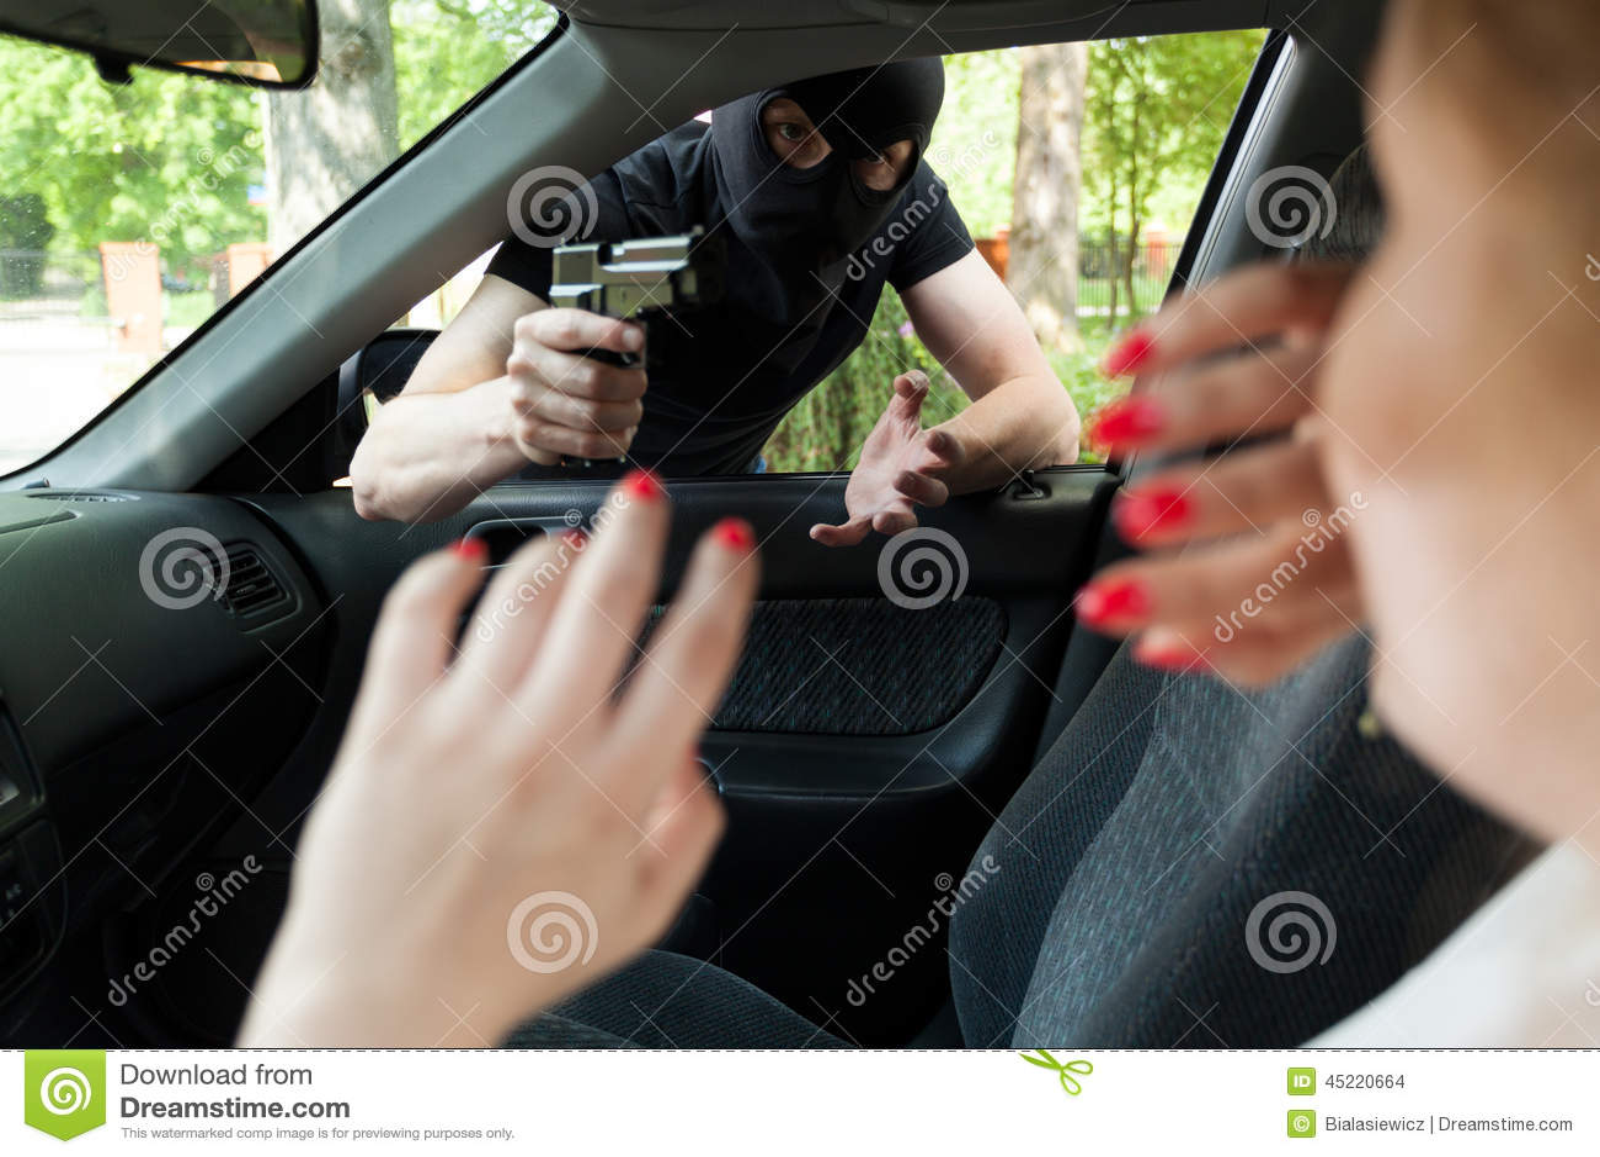 Секс с грабителем в маске 2 фотография